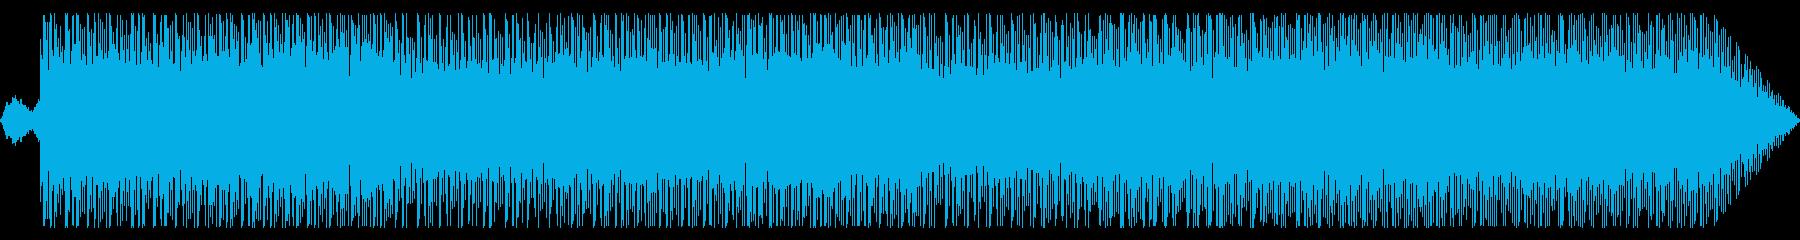 シンプルに繰り返すテクノ曲の再生済みの波形